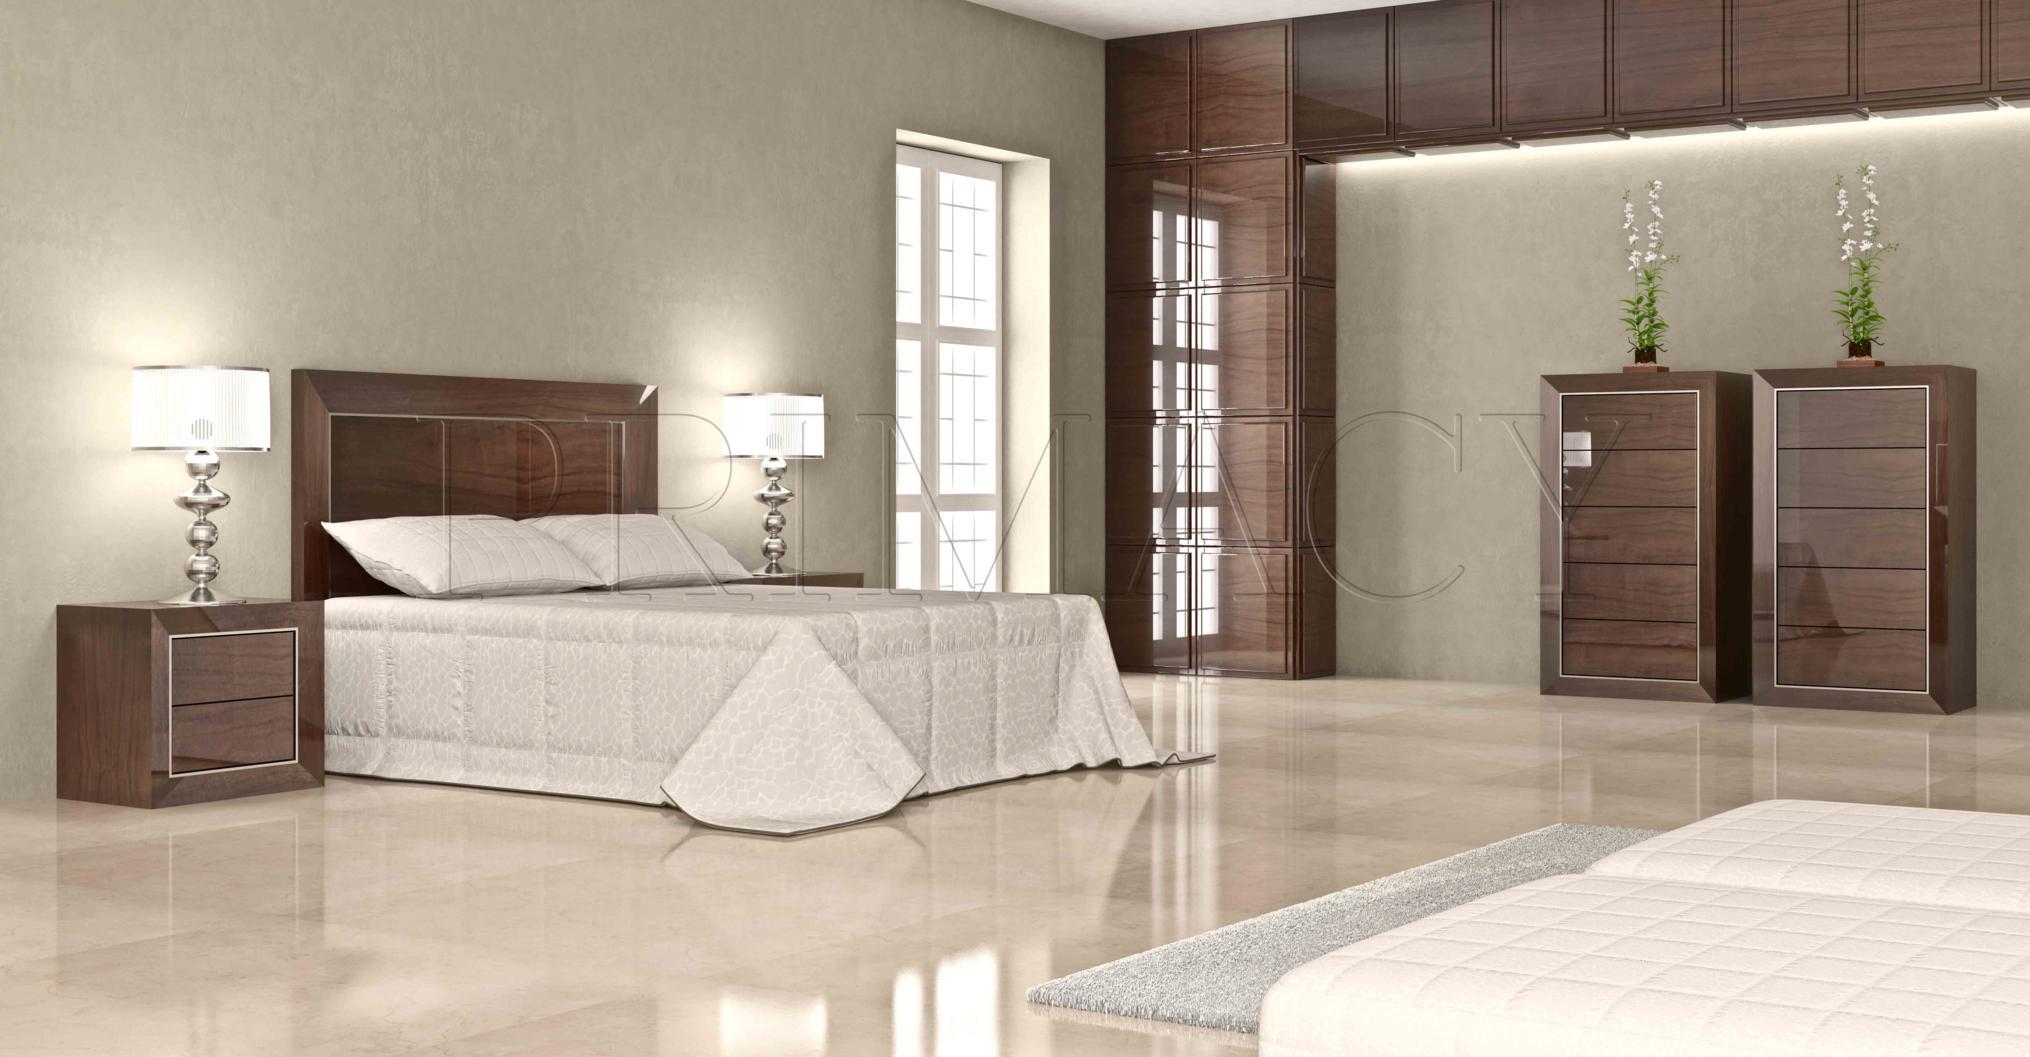 dormitorio de estilo contemporaneo (7)